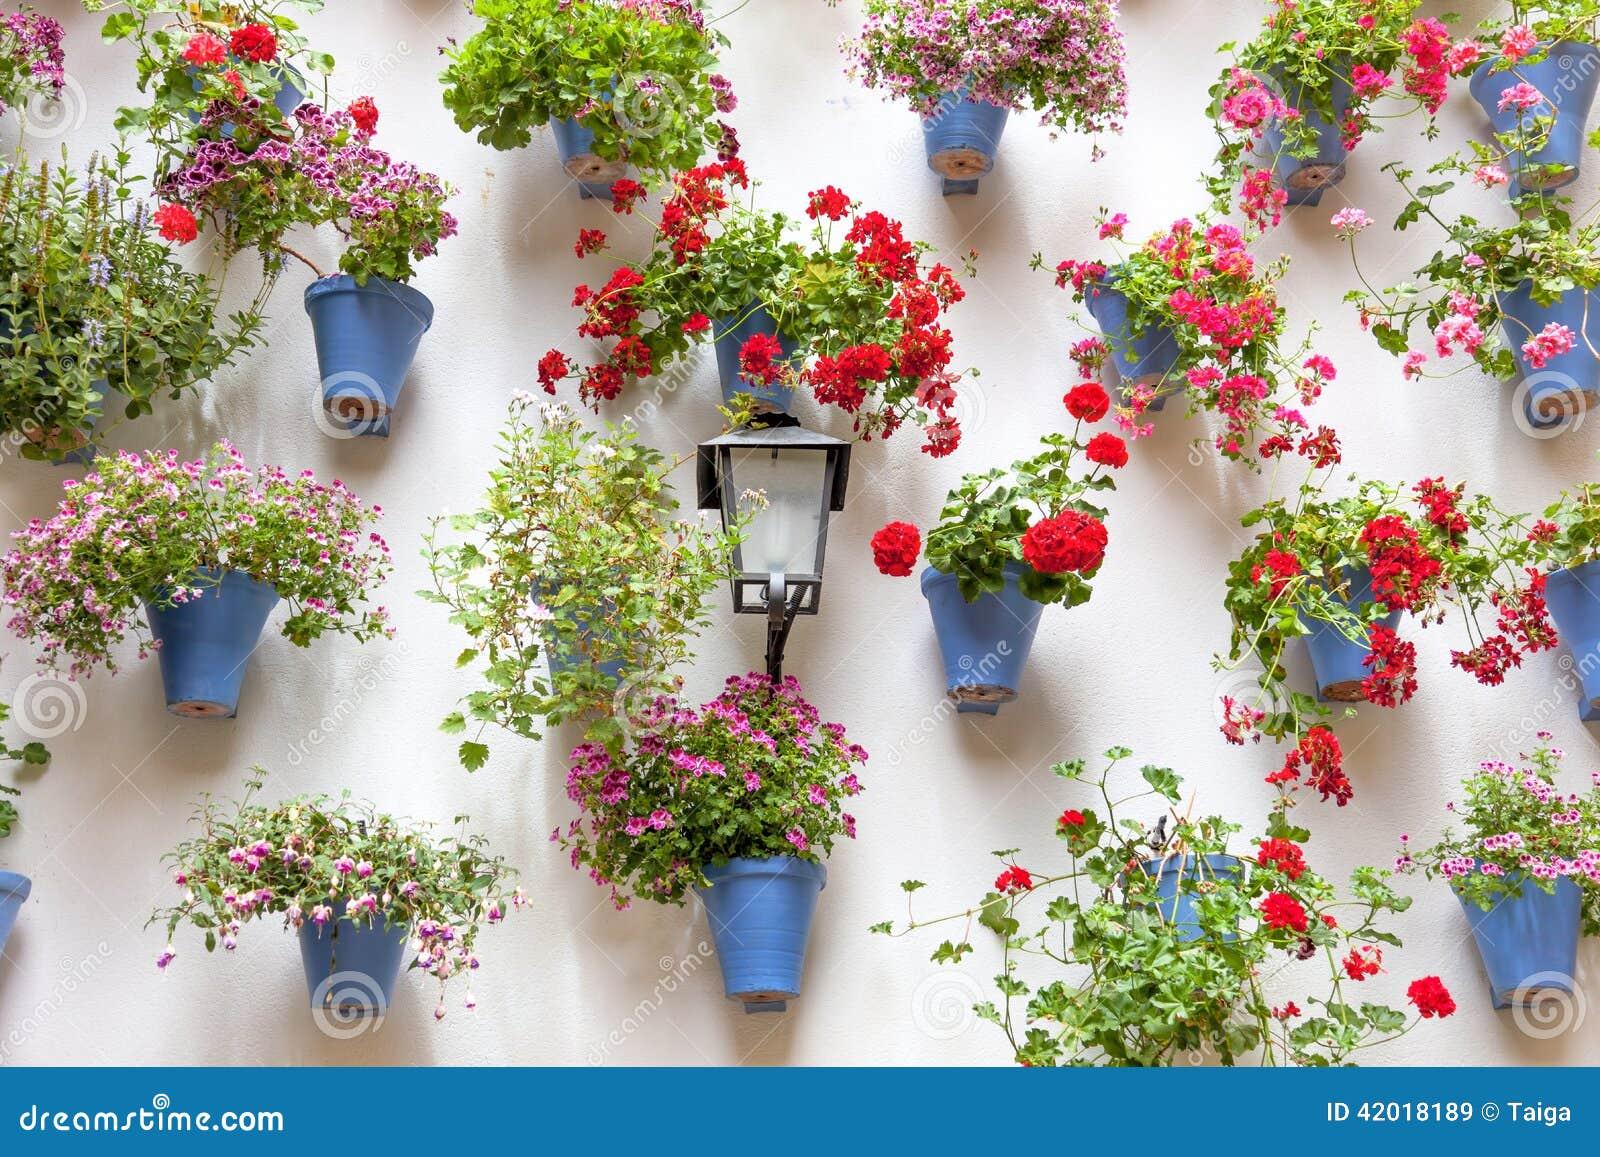 Macetas azules y flores rojas en una pared blanca con el lan del vintage imagen de archivo - Macetas para pared ...